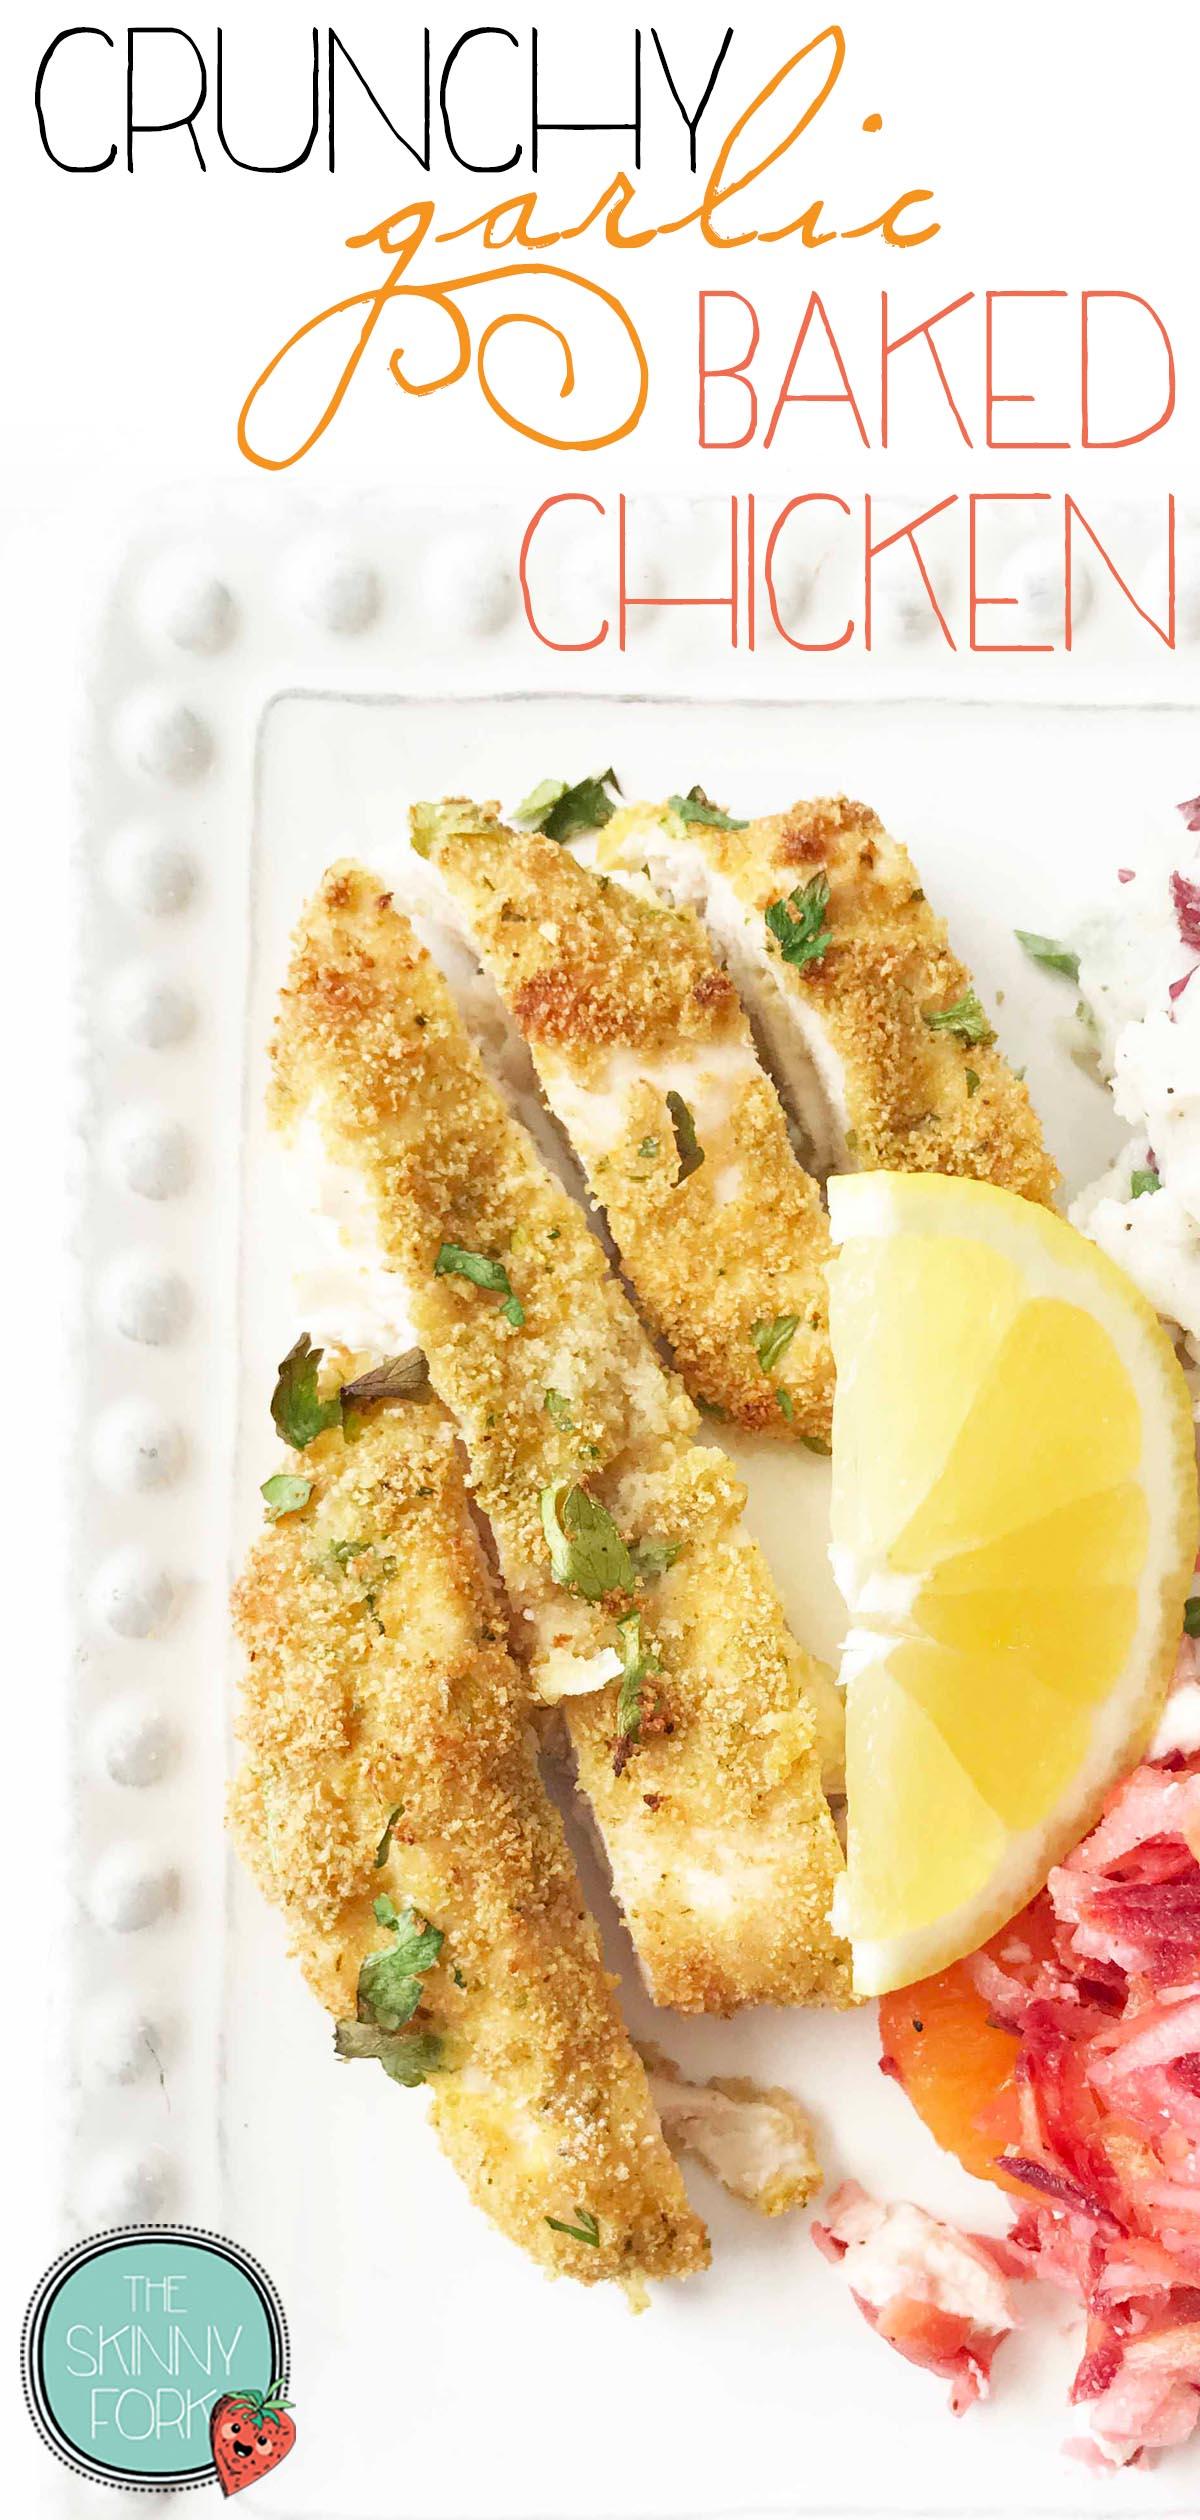 'Crunchy Garlic Baked Chicken